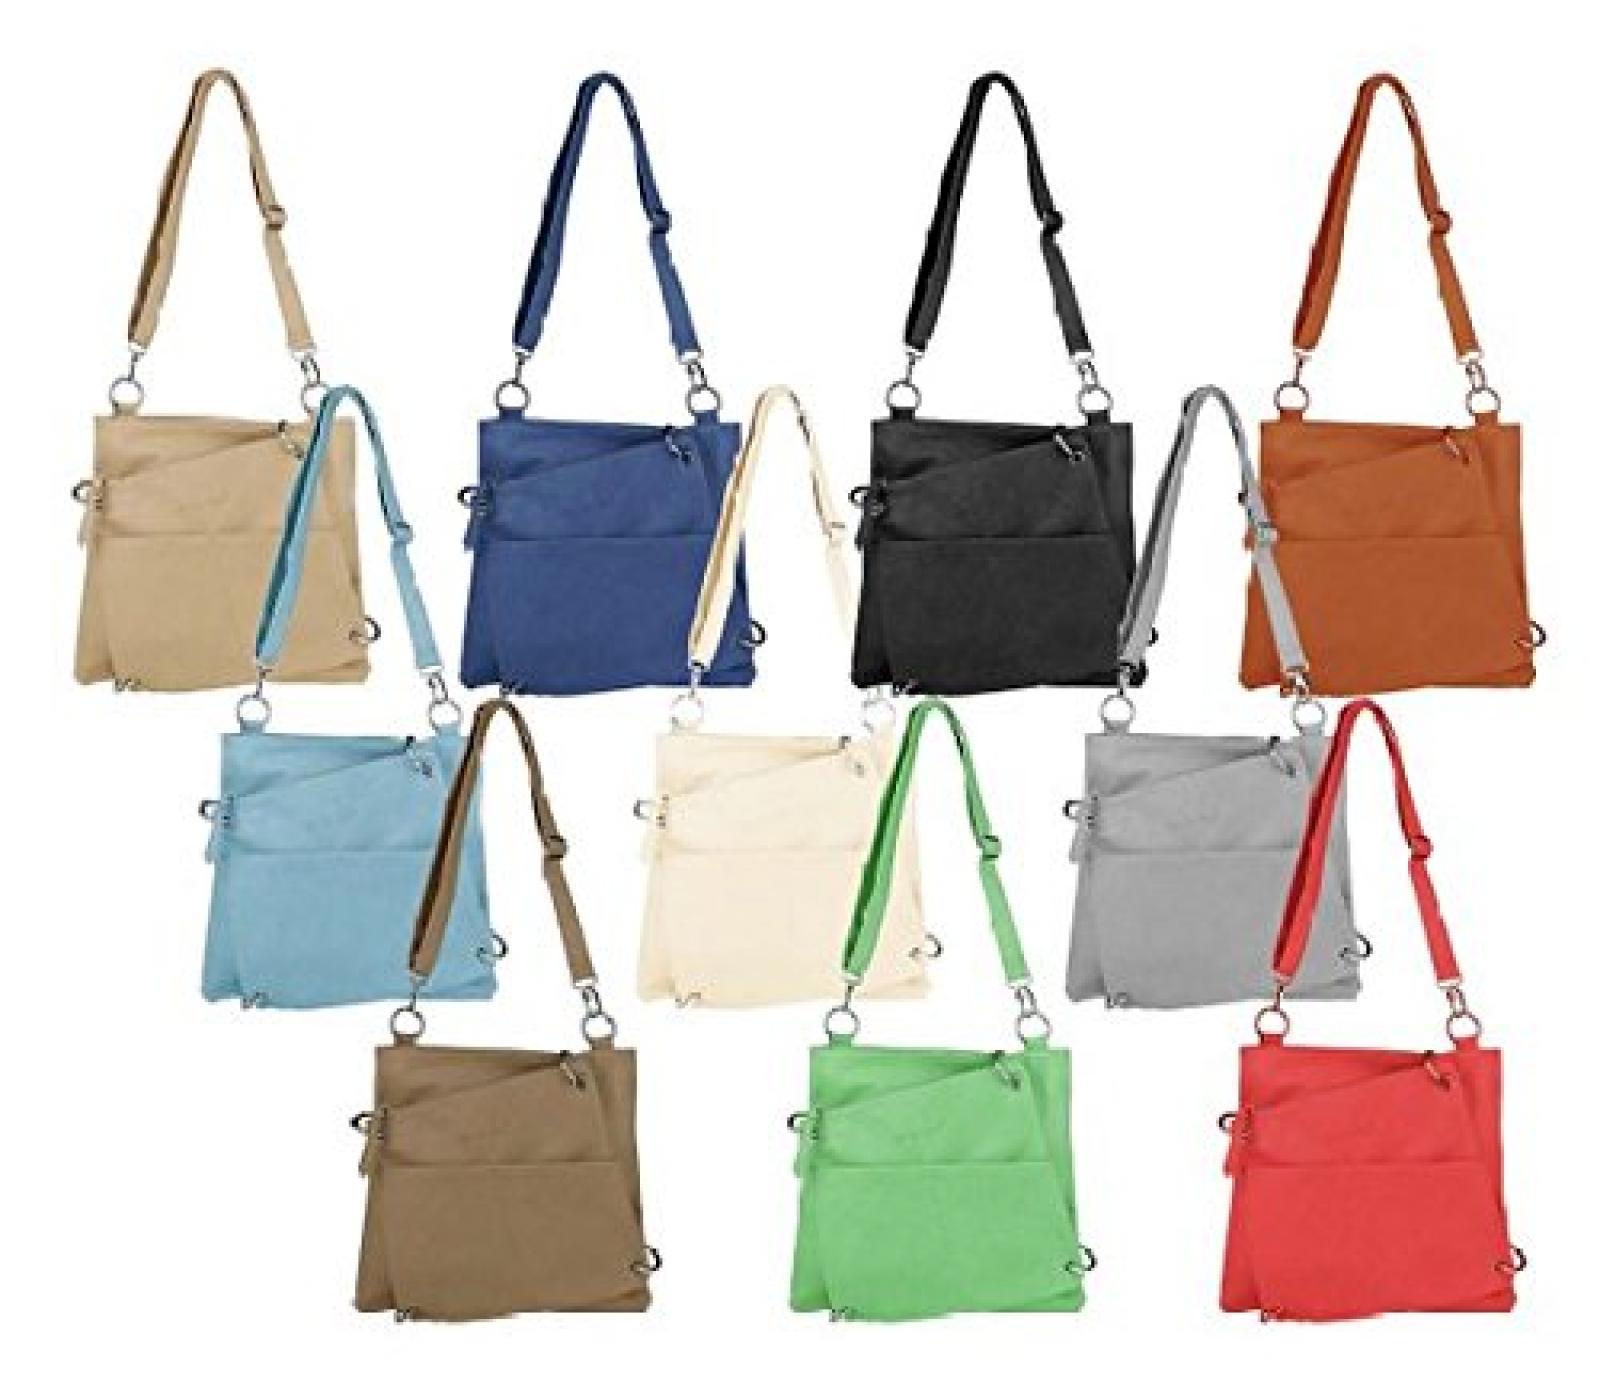 JENNIFER JONES 3900 Damen Tasche, Umhängetasche 2 in 1 in 6 Farben 34x31x5